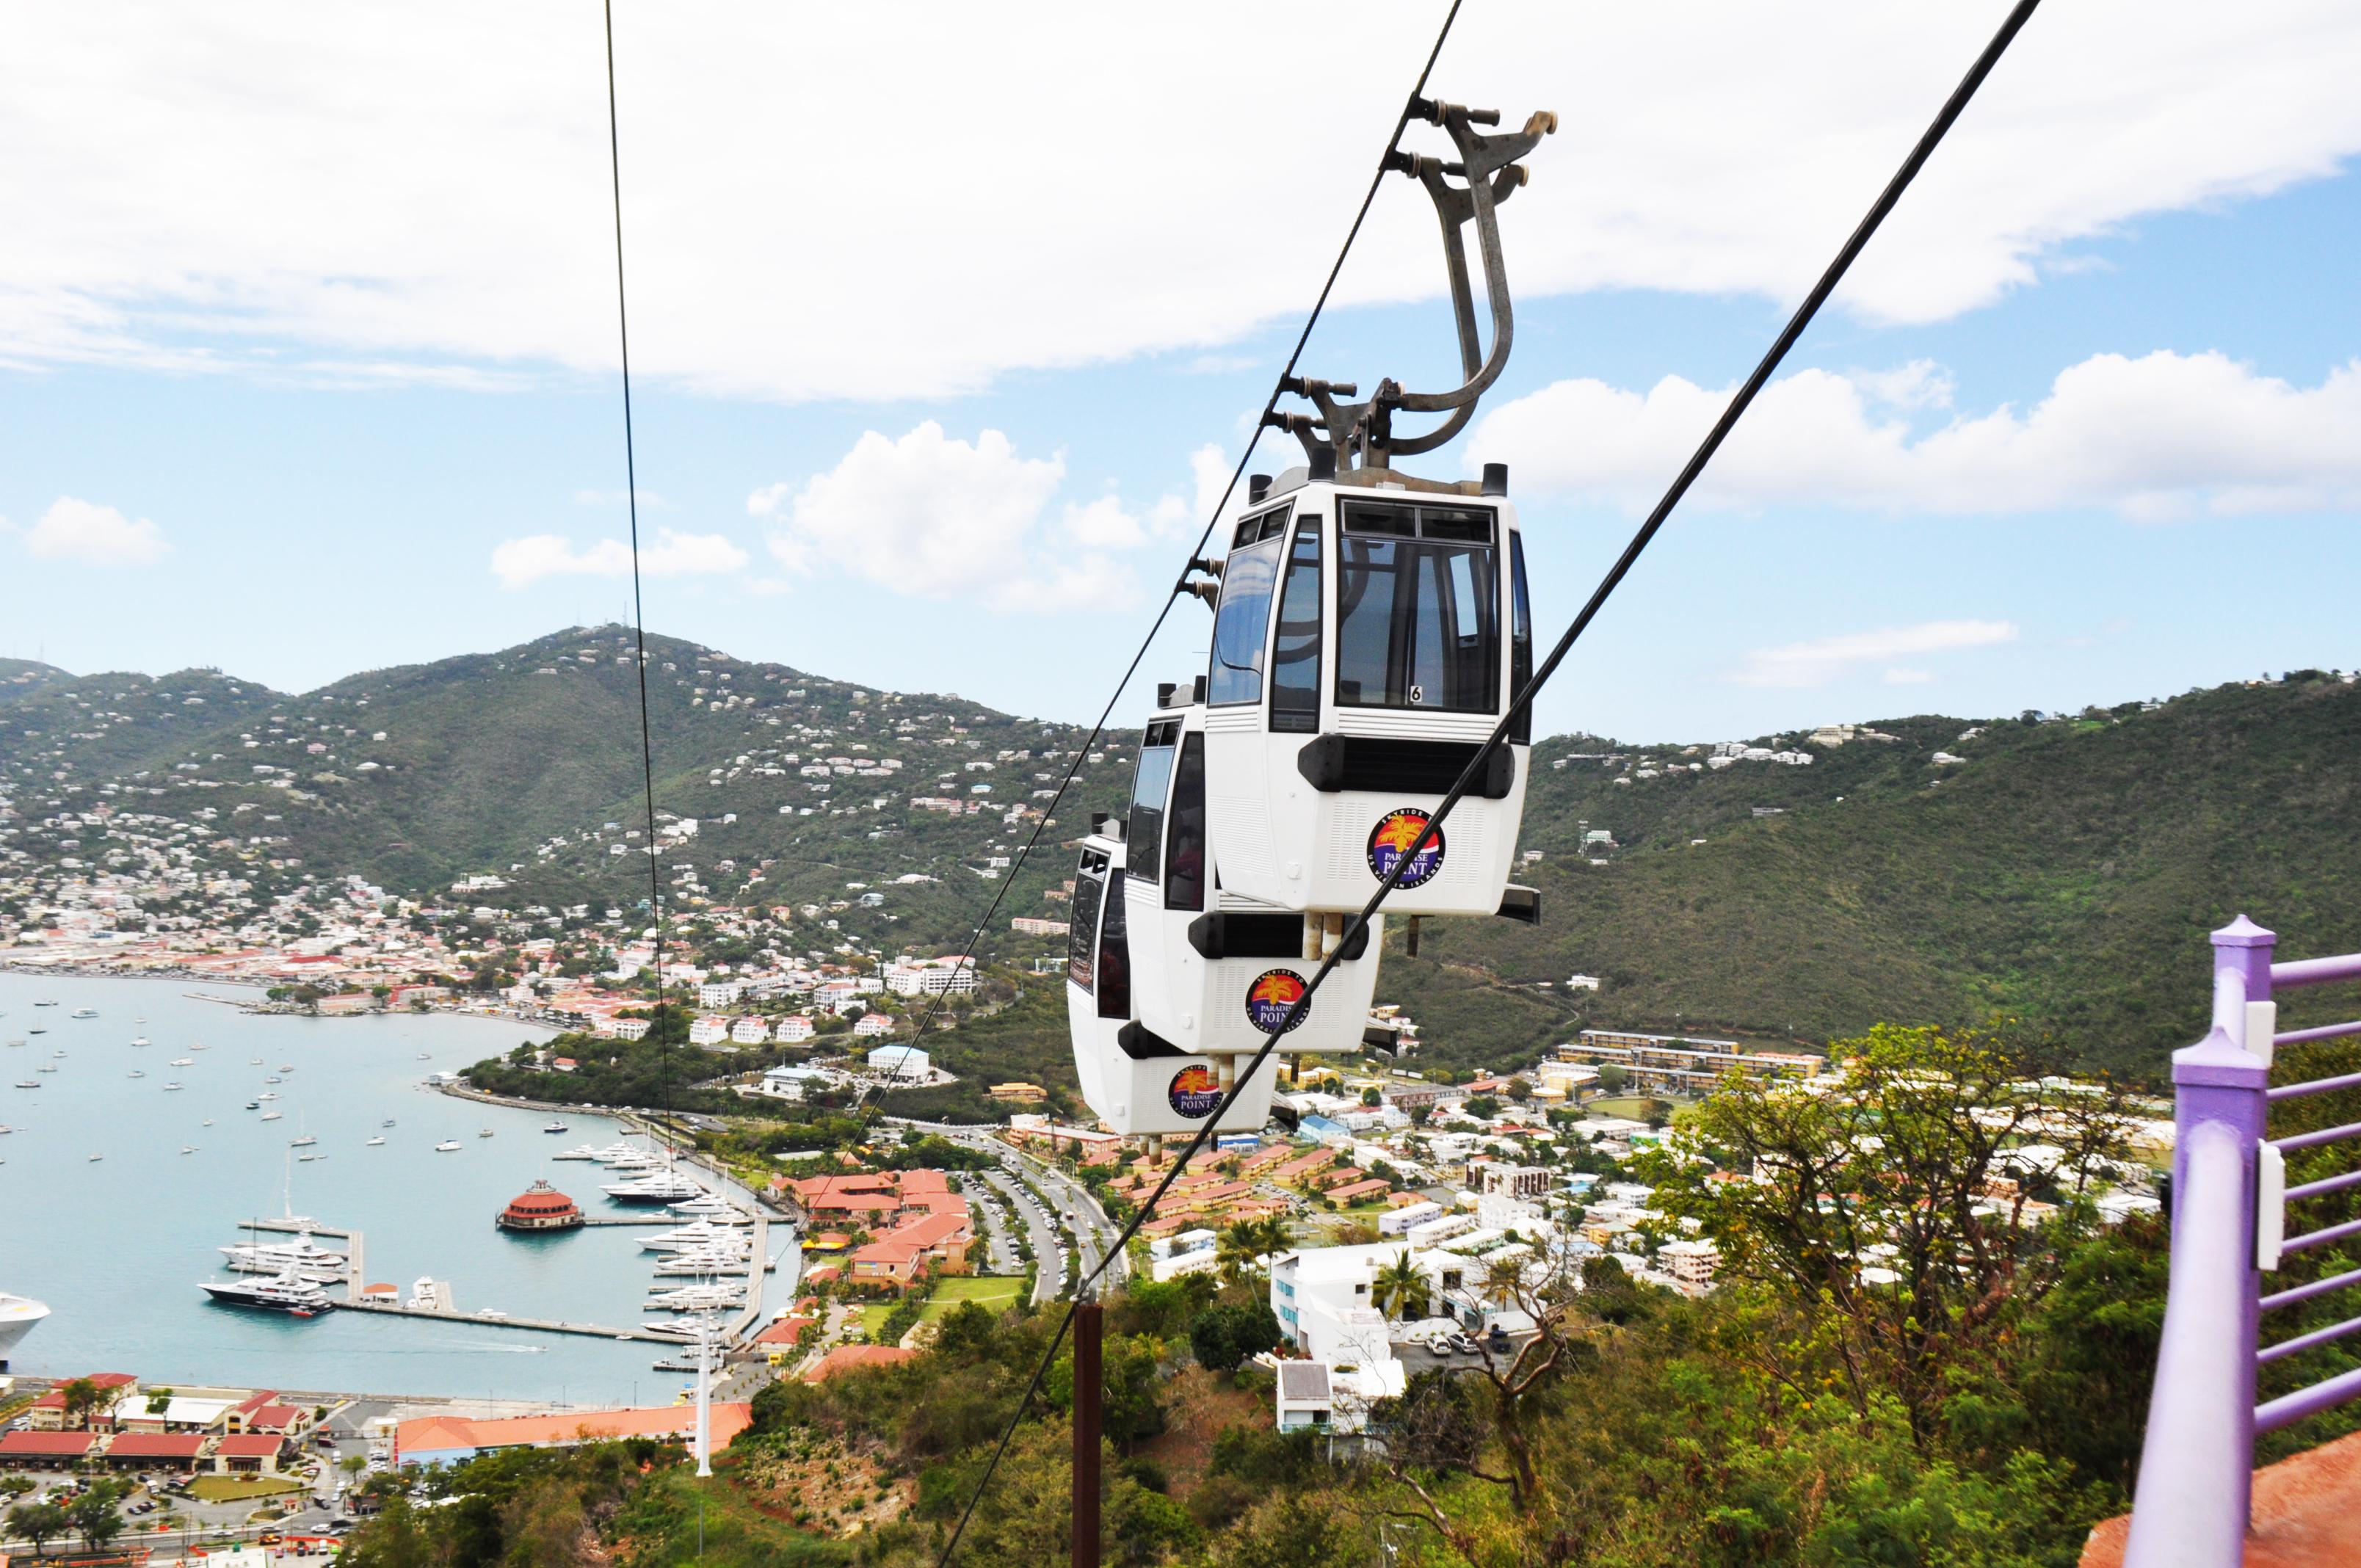 Diario-de-Viagem-Caribe-St-Thomas-Navio-Acho-Tendencia-Giovana-Quaglio-12